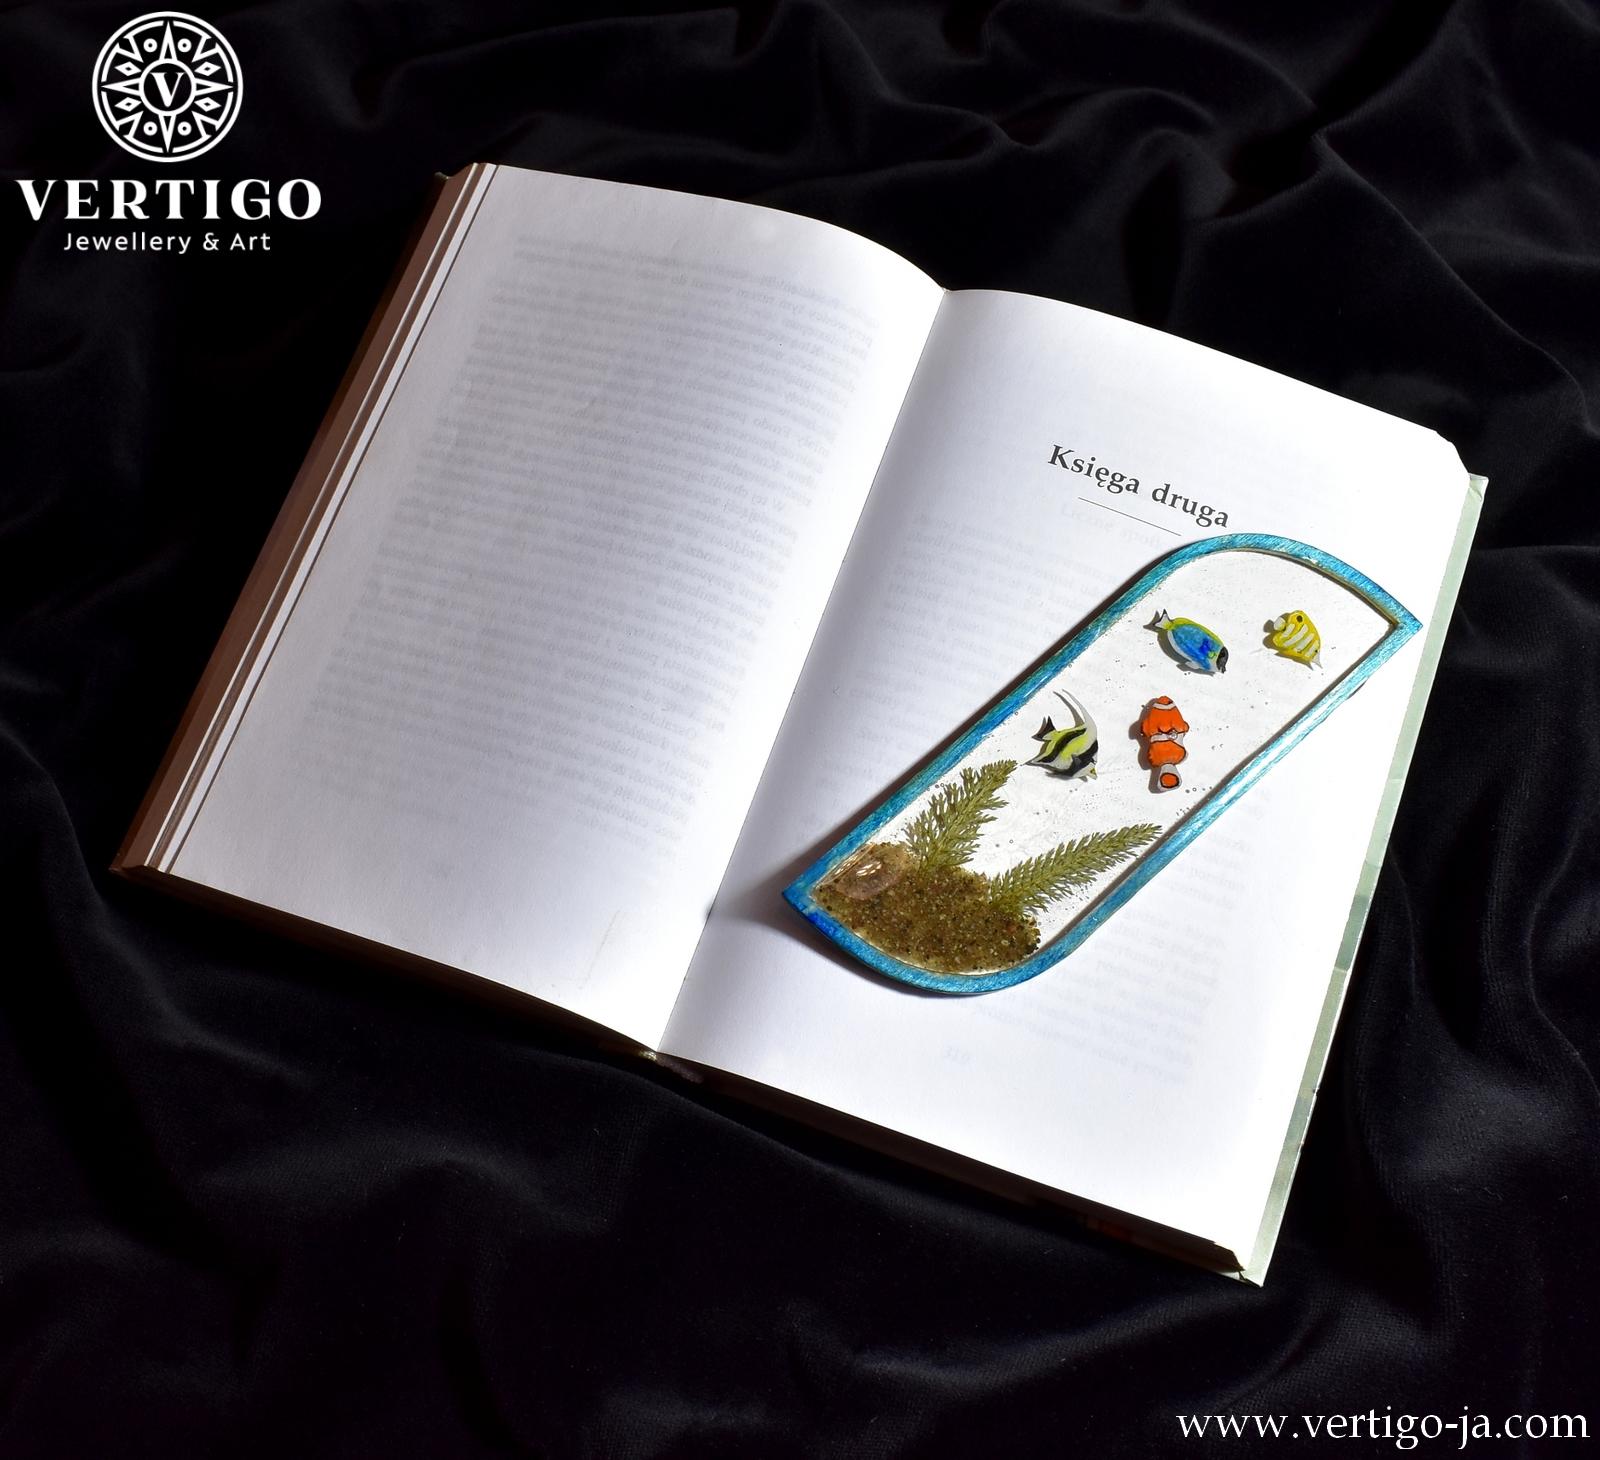 Tył zakładki do książki z żywicy z 4 rybkami, piaskiem i 2 zielonymi roślinkami. Niebieska ramka z drewna wypełniona żywicą.